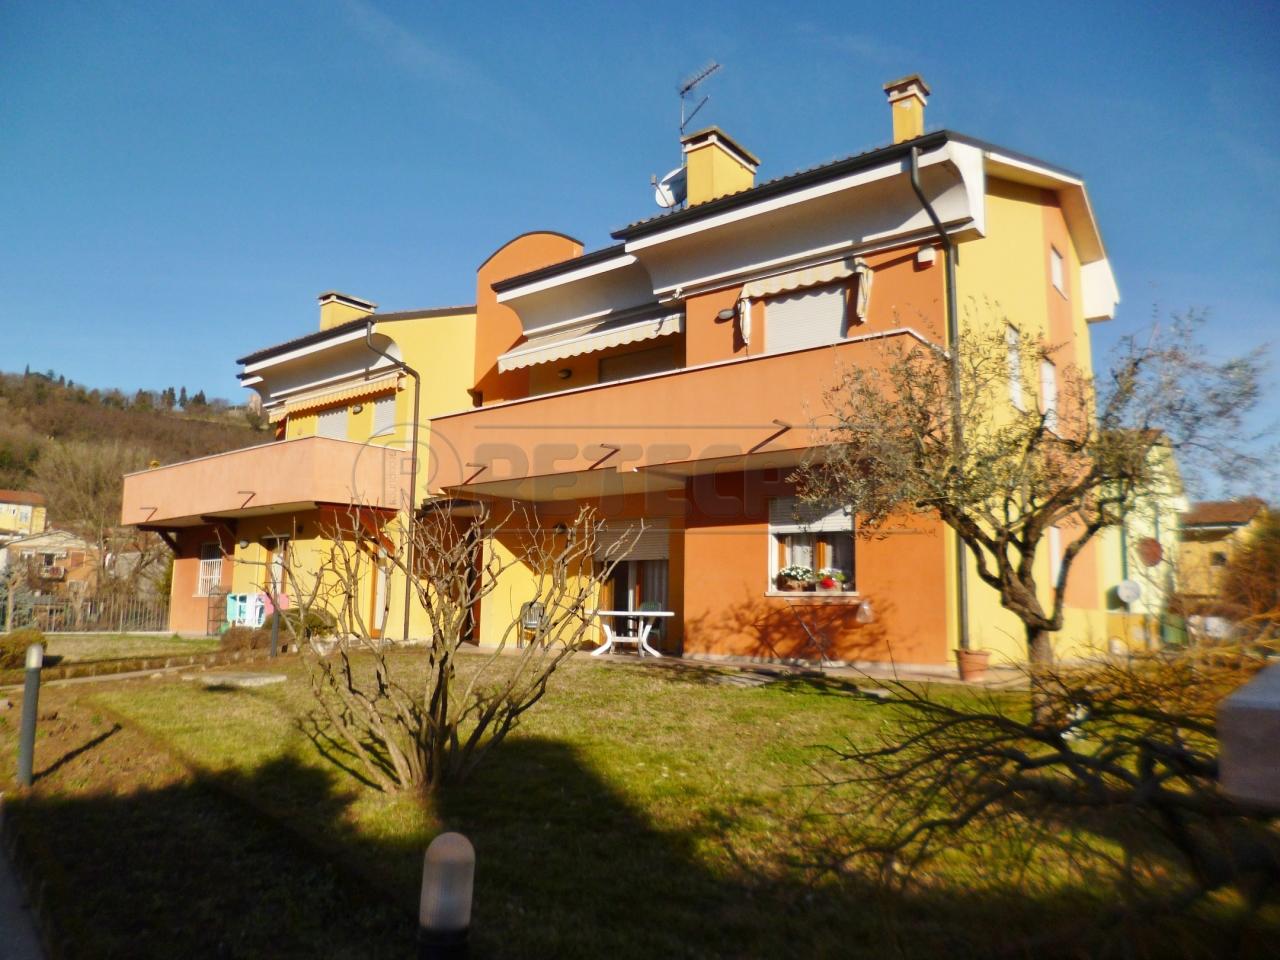 Appartamento in vendita a Montebello Vicentino, 3 locali, prezzo € 80.000 | PortaleAgenzieImmobiliari.it